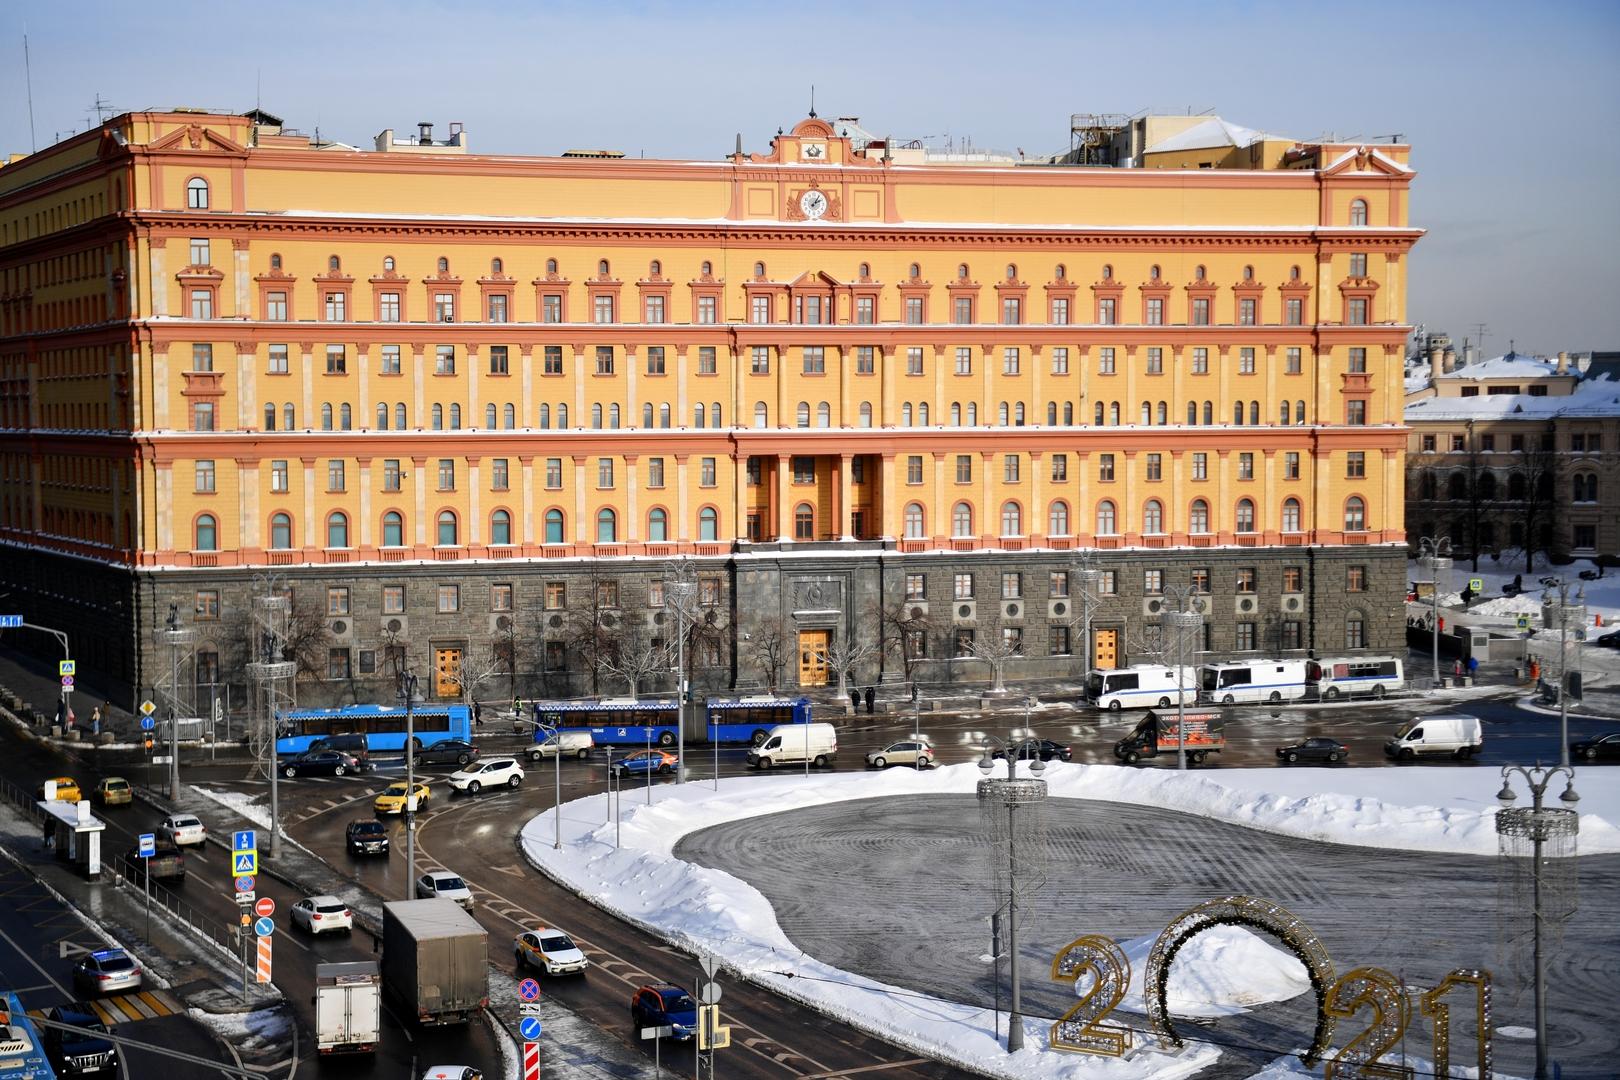 الأمن الفدرالي الروسي يعد قائمة معلومات يحظر تسليمها للأجانب